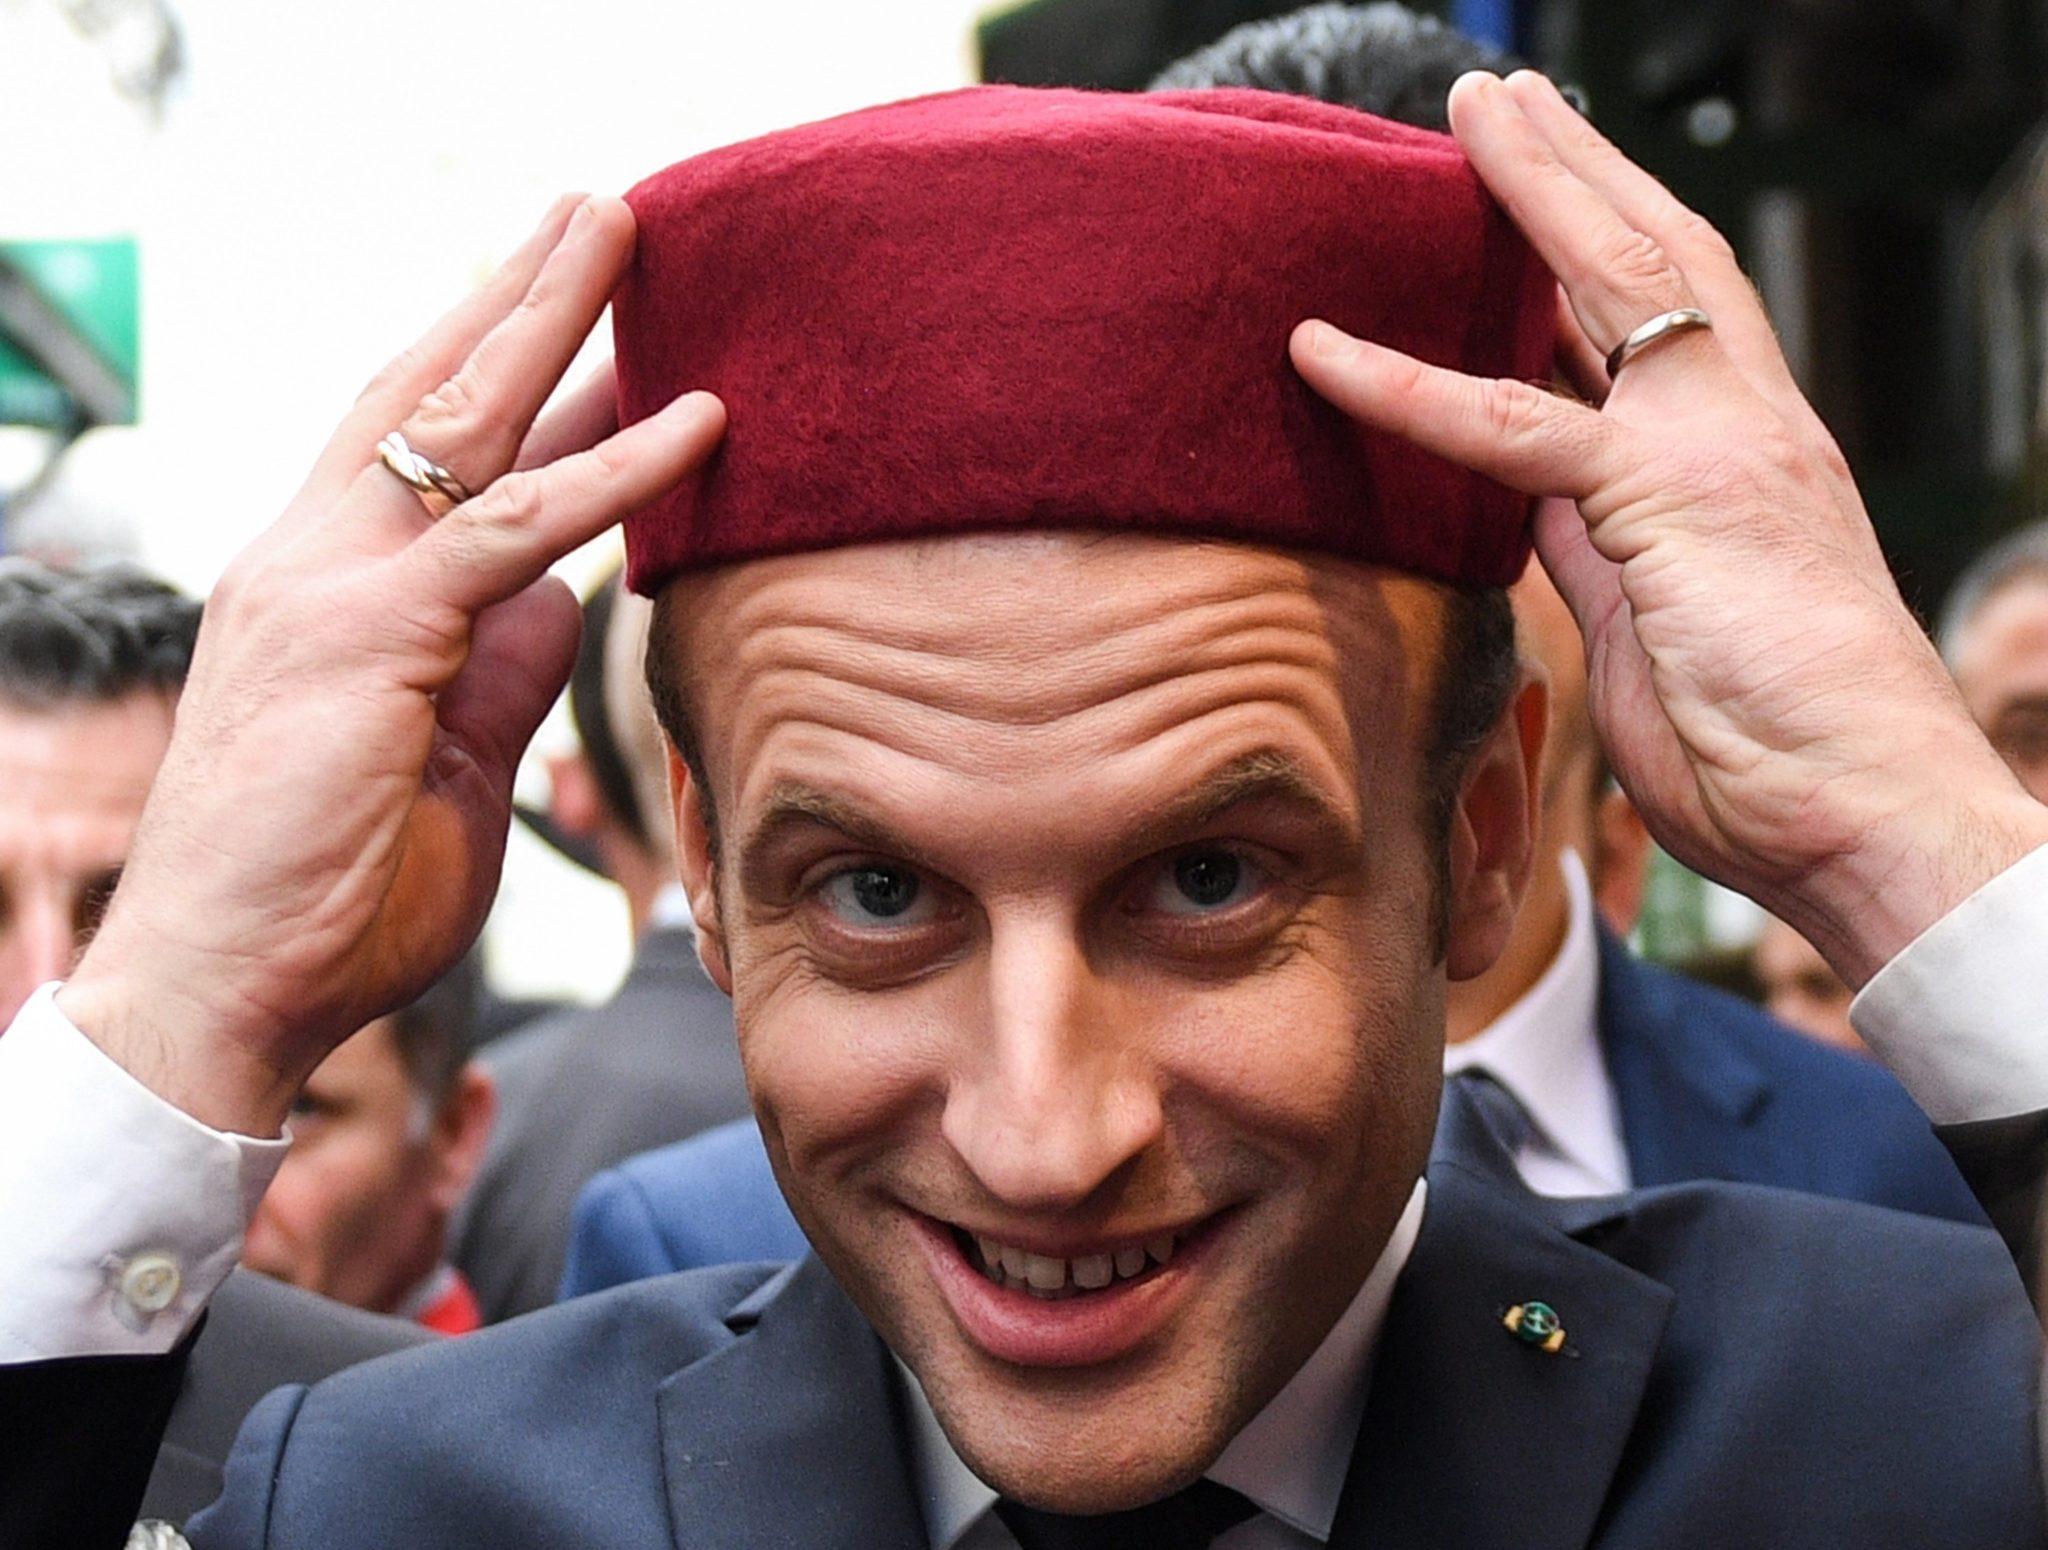 Wizyta prezydenta Francji w Tunezji. Emmanuel Macron podczas przechadzki po starym mieście w stolicy kraju Tunisie, fot: Eric Feferberg, PAP/EPA